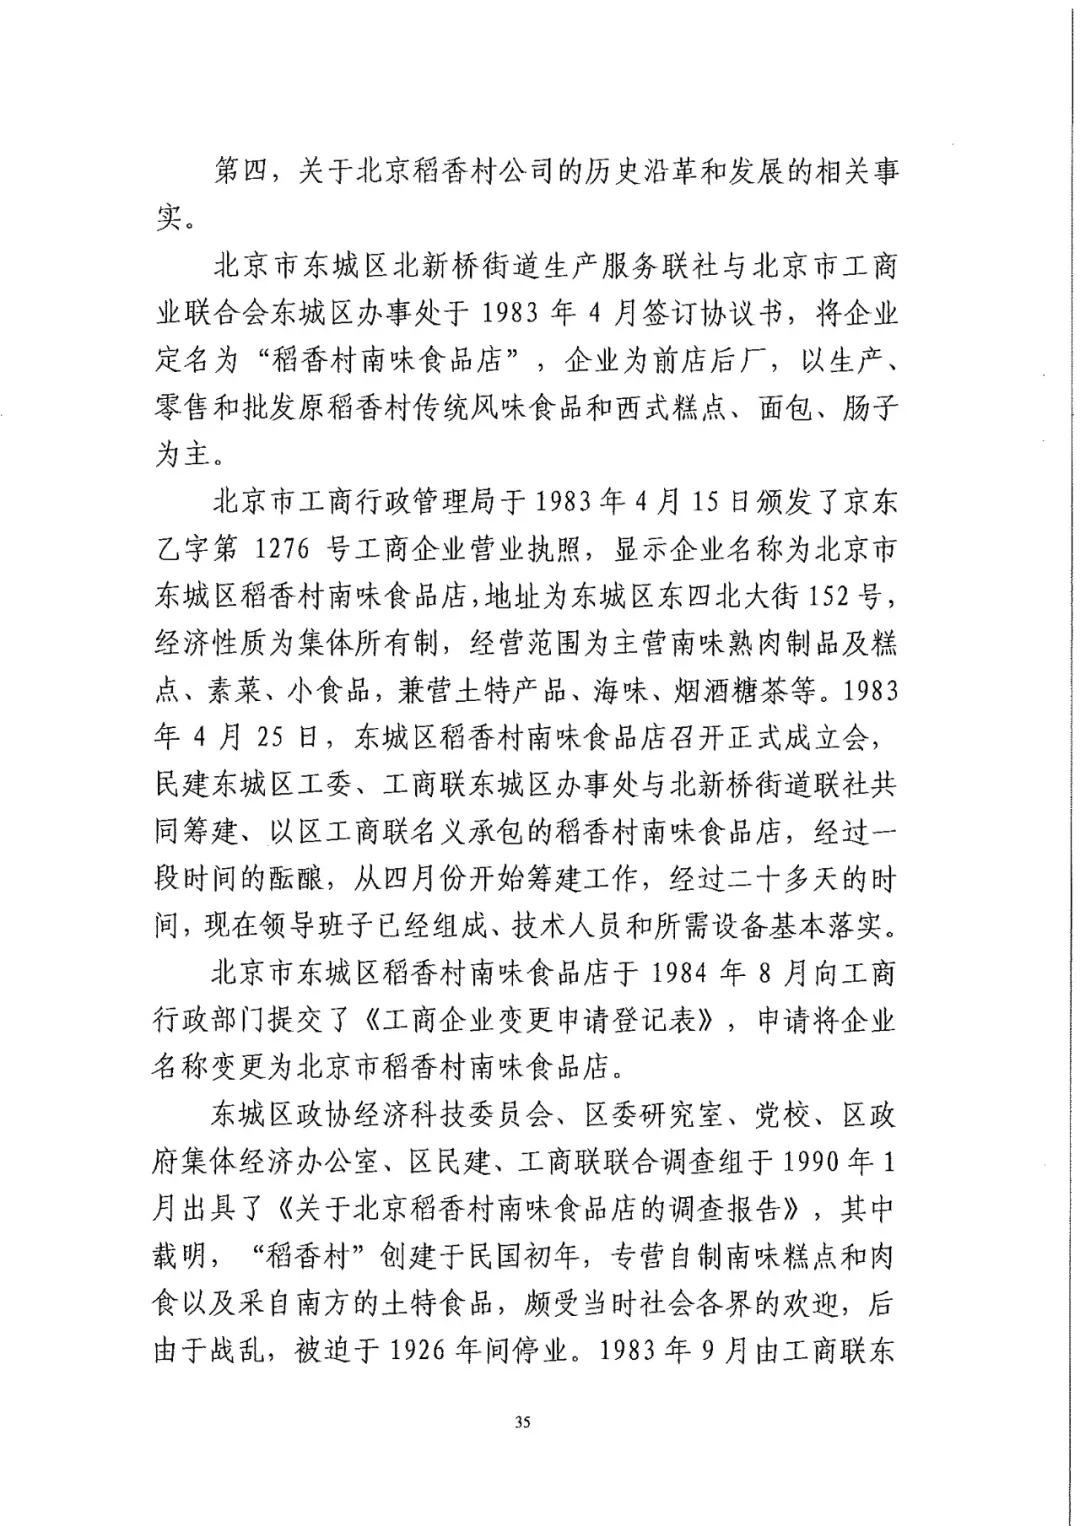 南北之争!北稻诉苏稻一审获赔3000万(98页判决书全文)